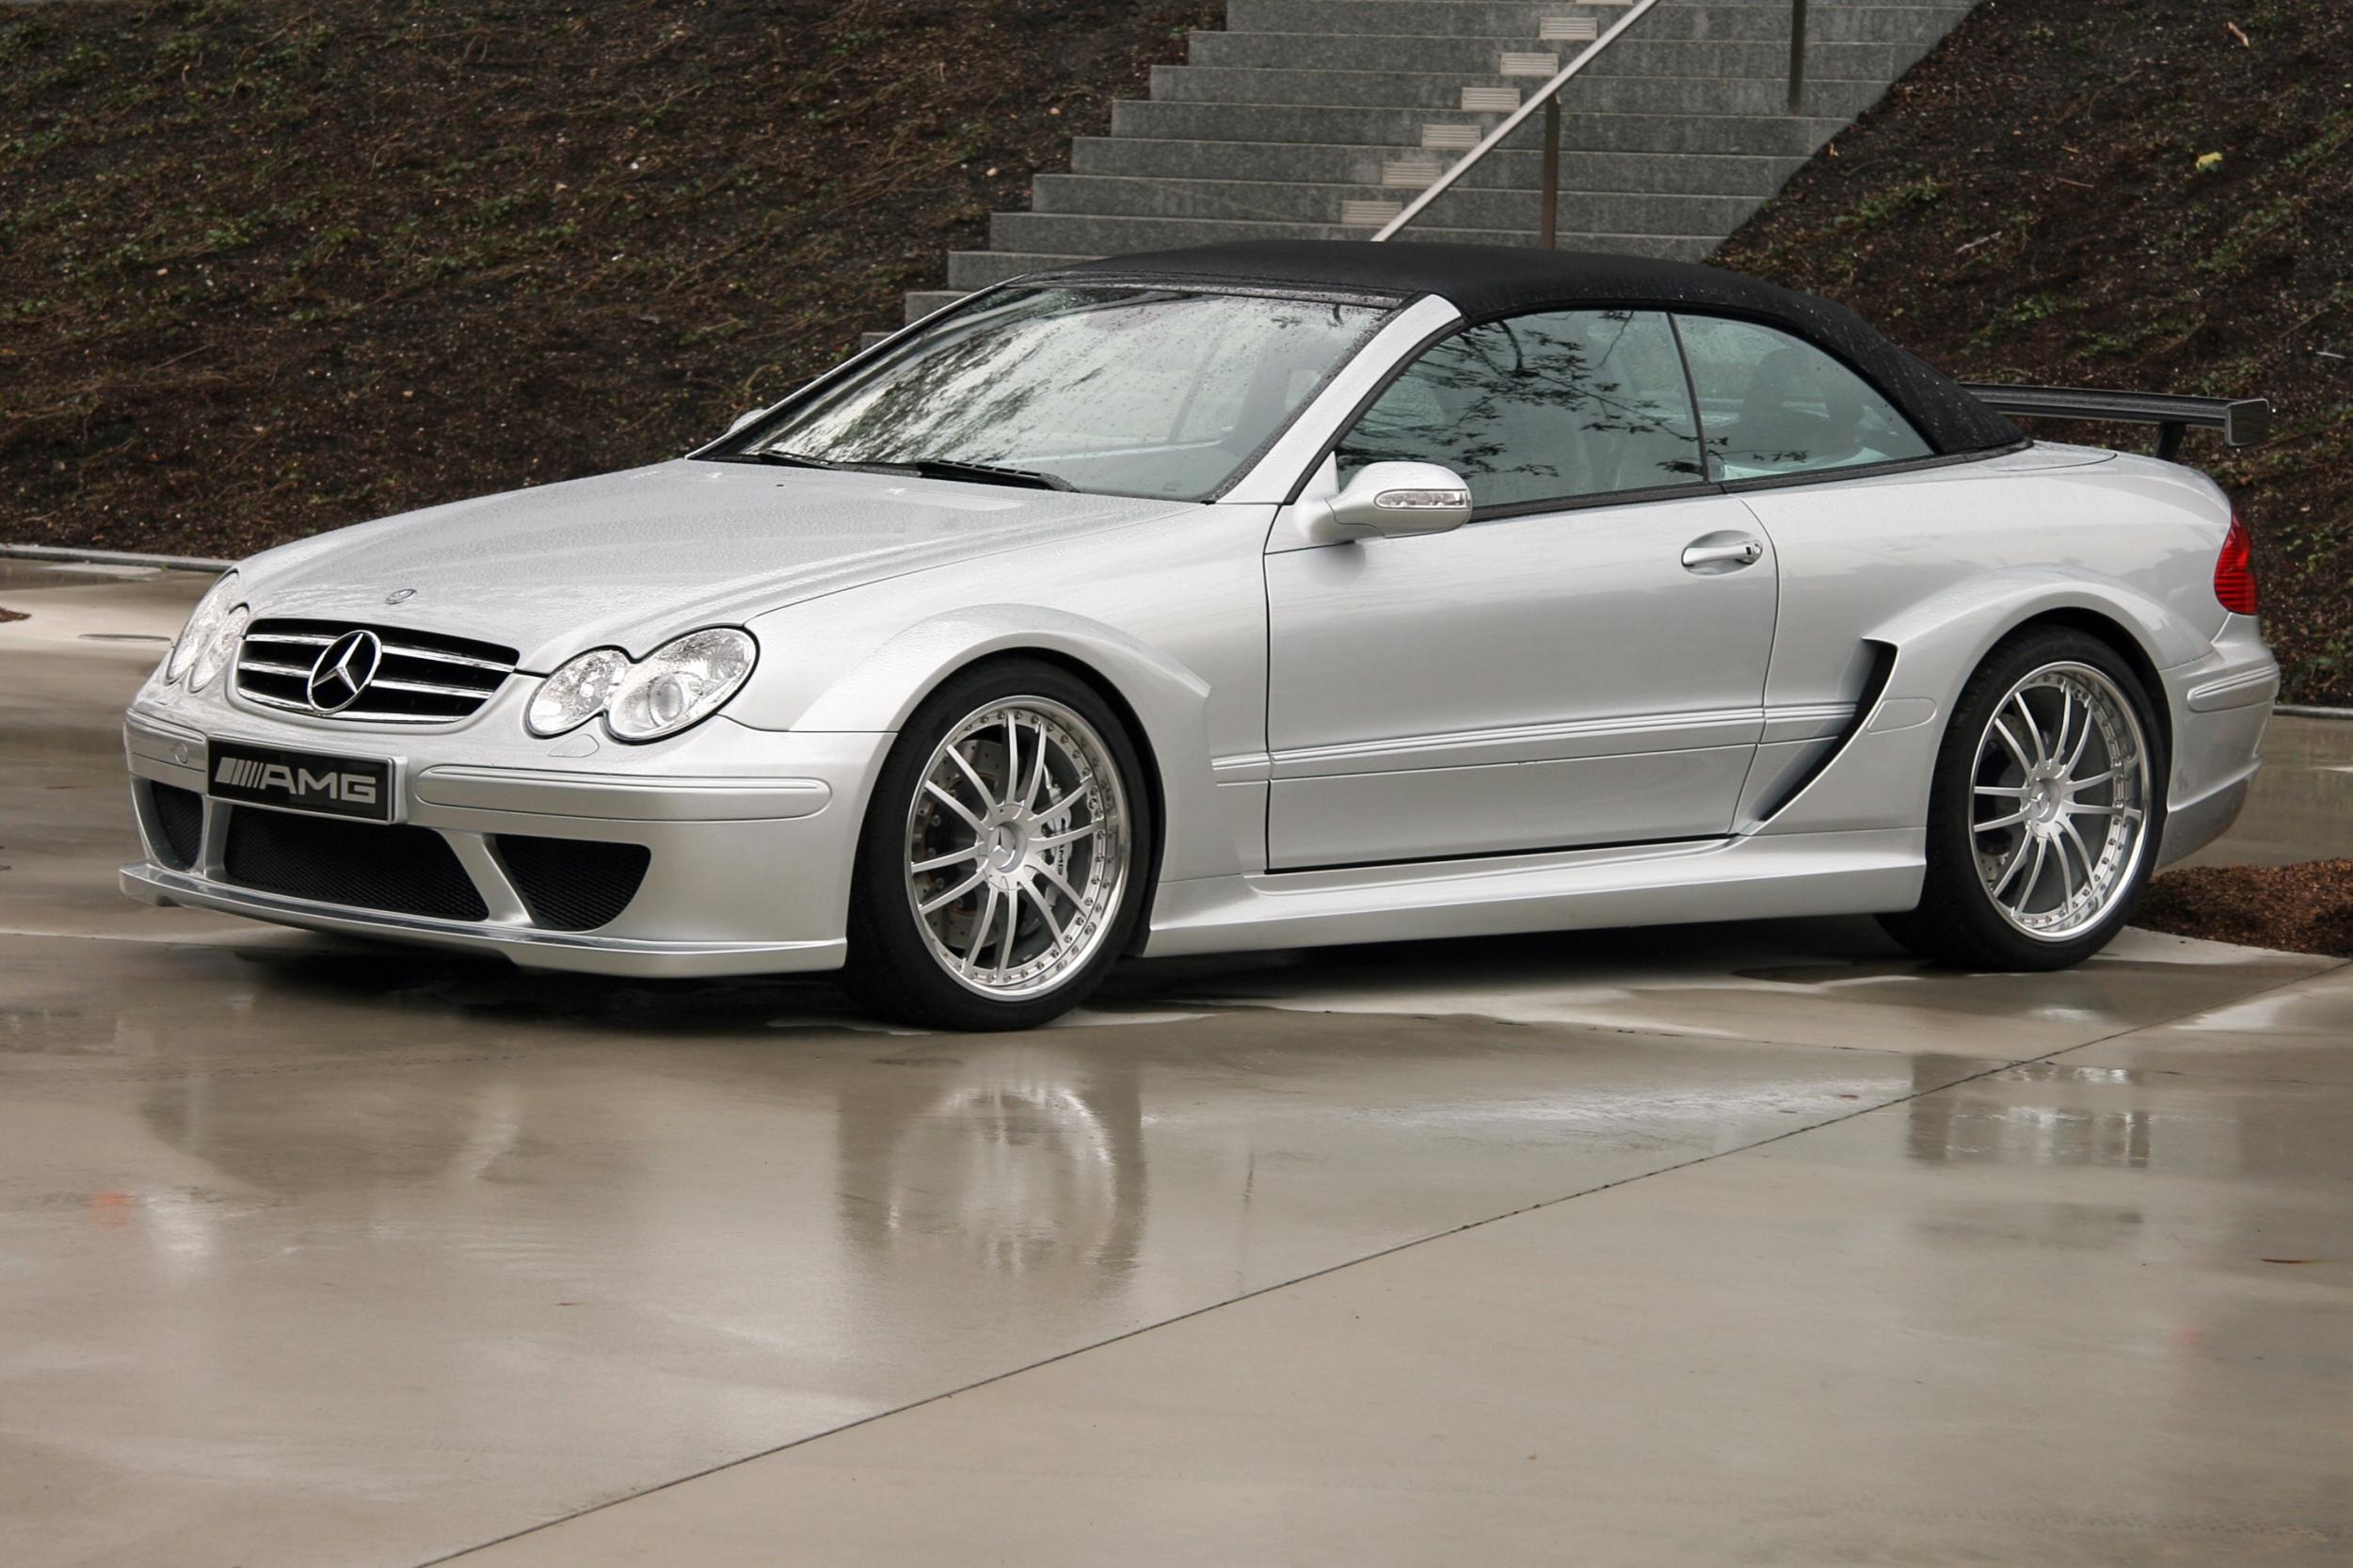 Mercedes clk фото